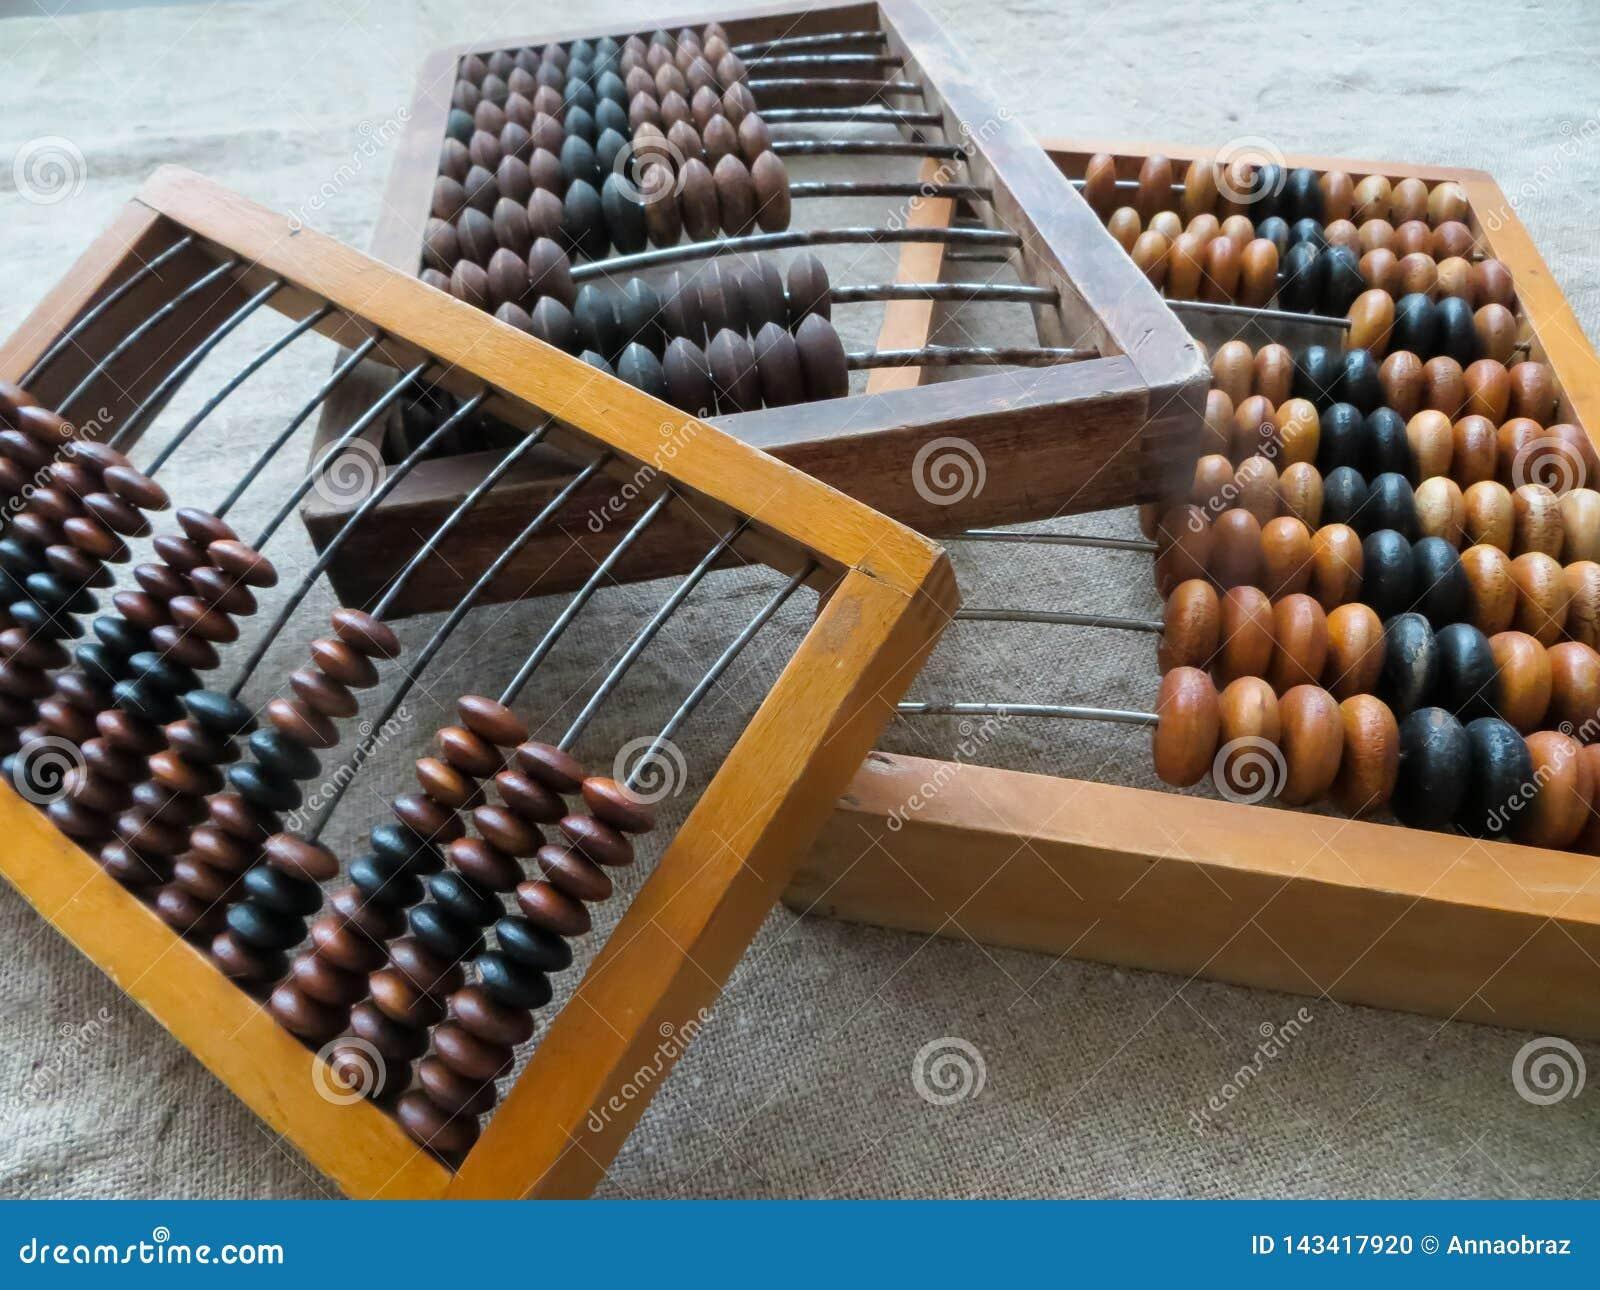 老算盘,在帮助下导致所有数学演算上个世纪中